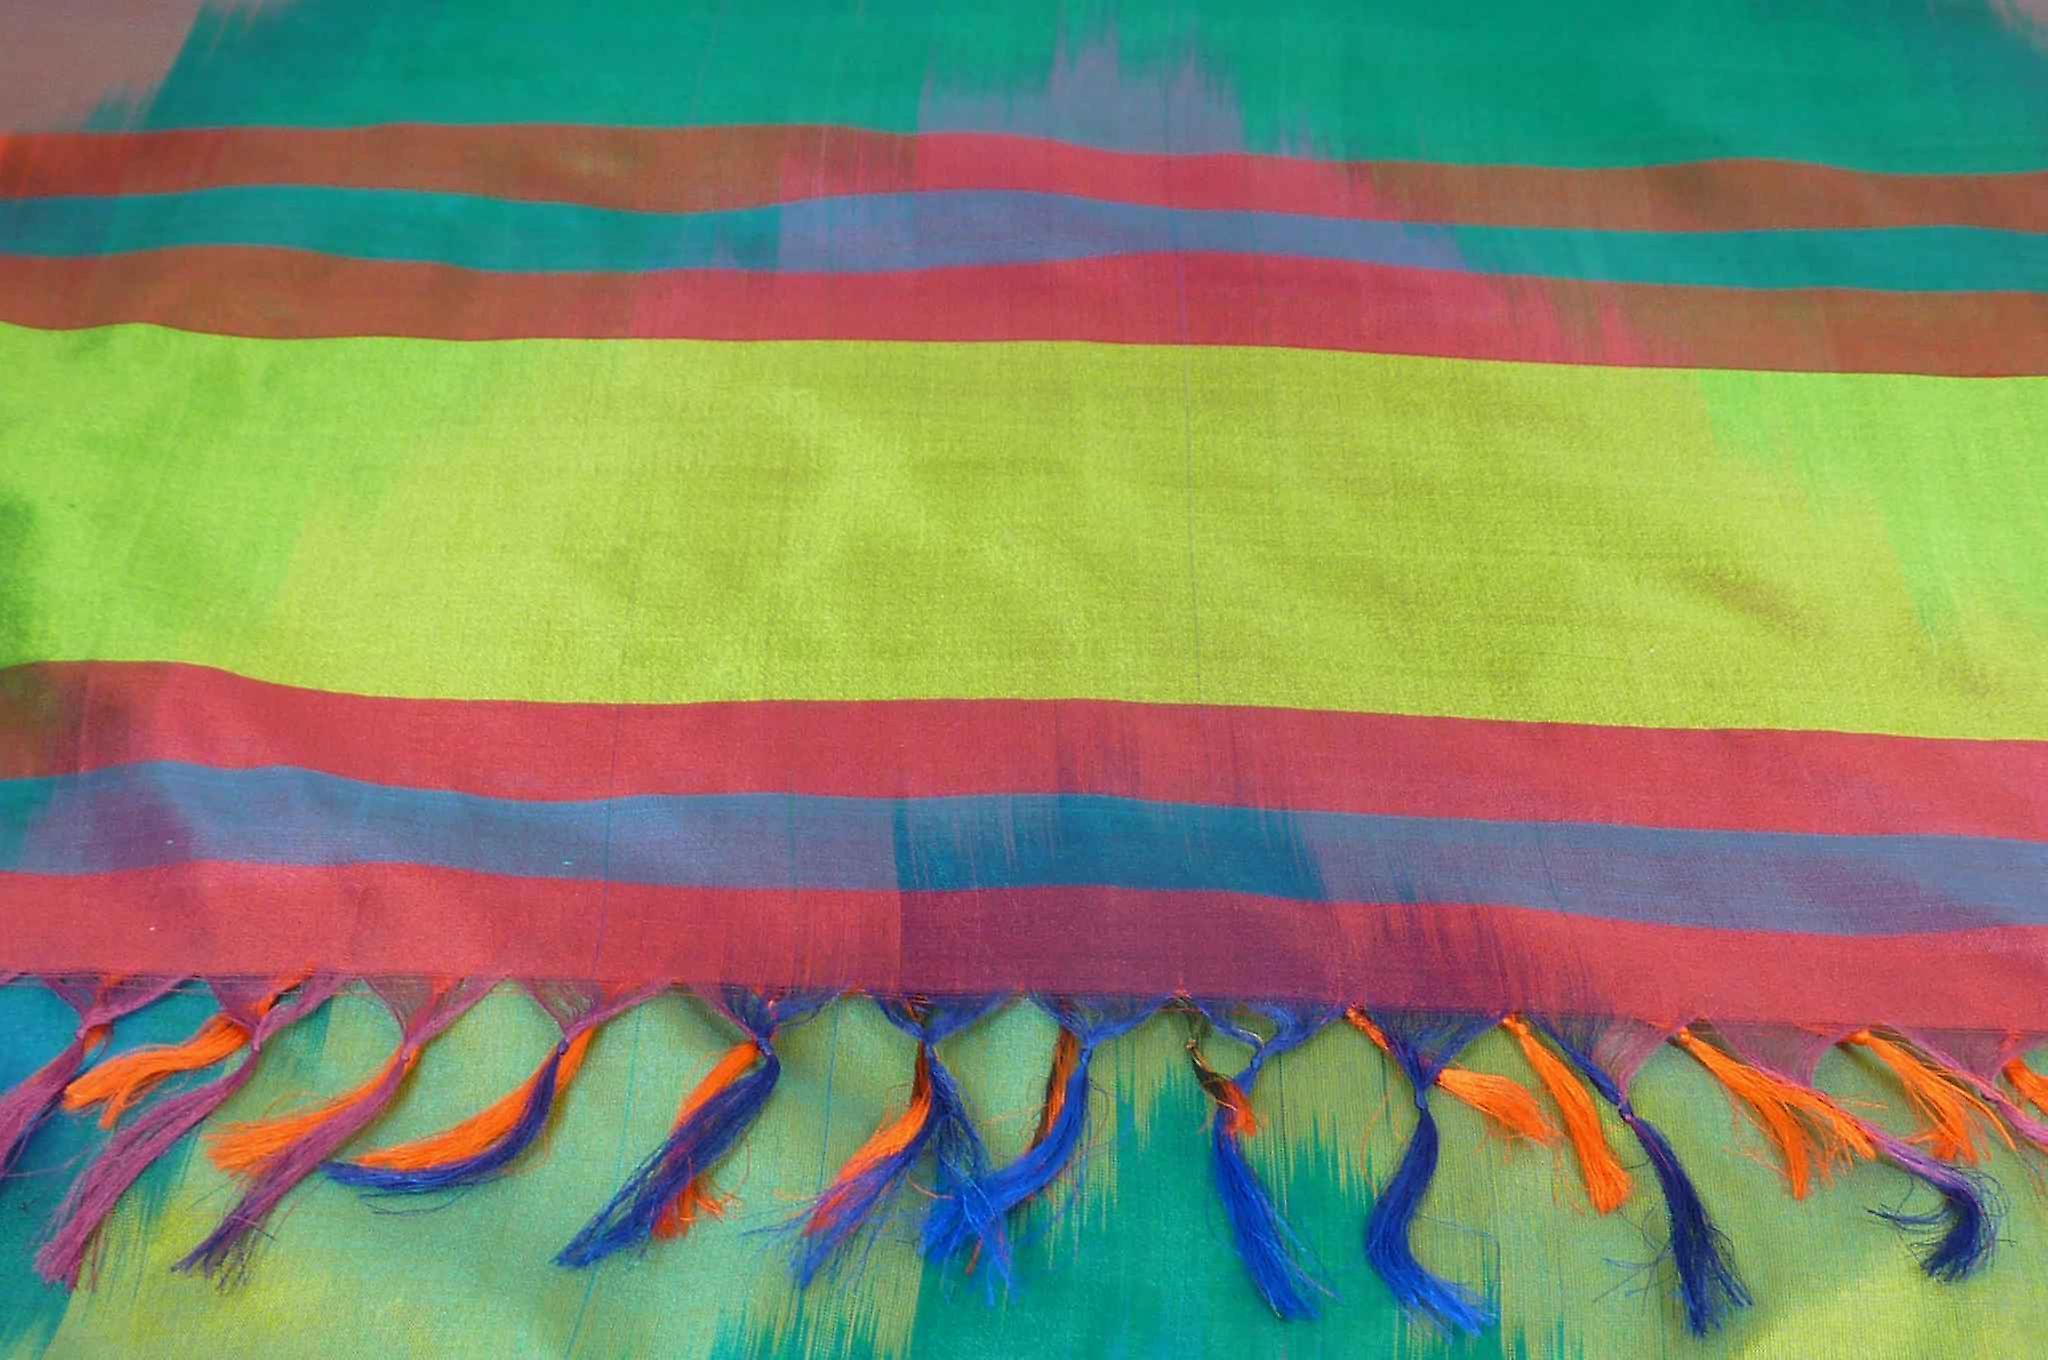 Varanasi Ekal Premium Silk Long Scarf Heritage Range Bera 3 by Pashmina & Silk